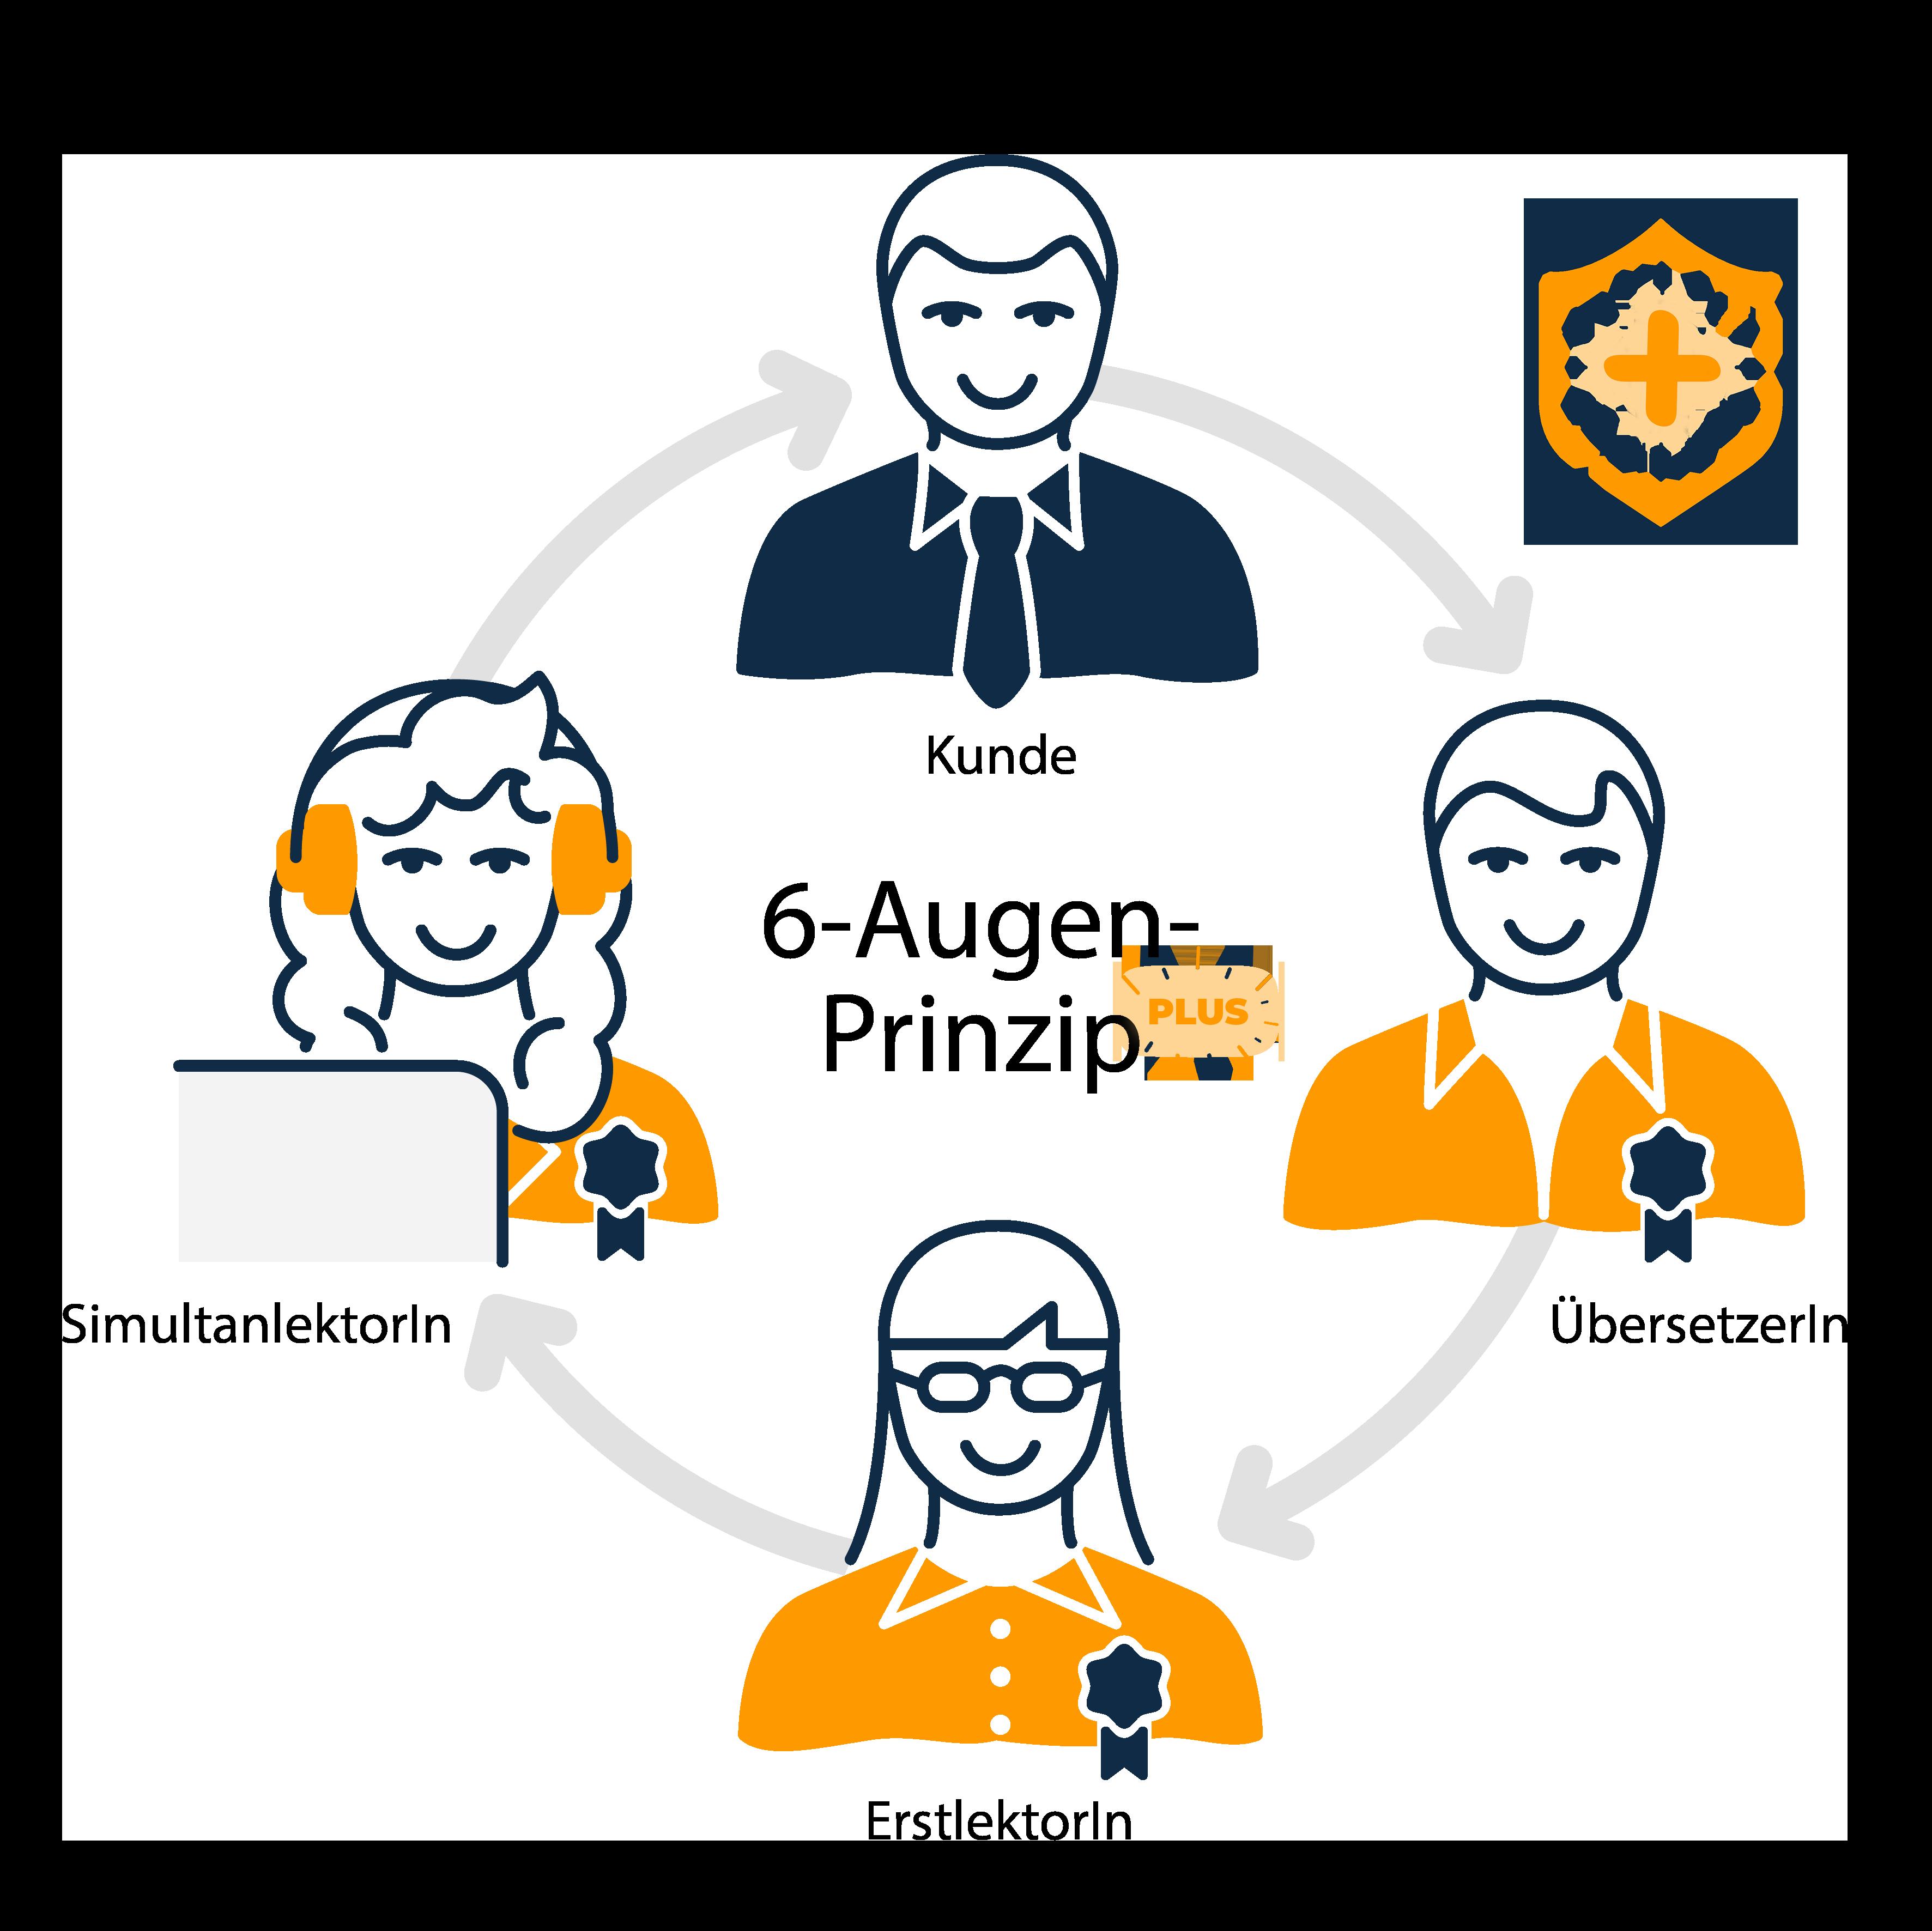 Das ALLESPRACHEN 6-Augen-Prinzip: Darstellung